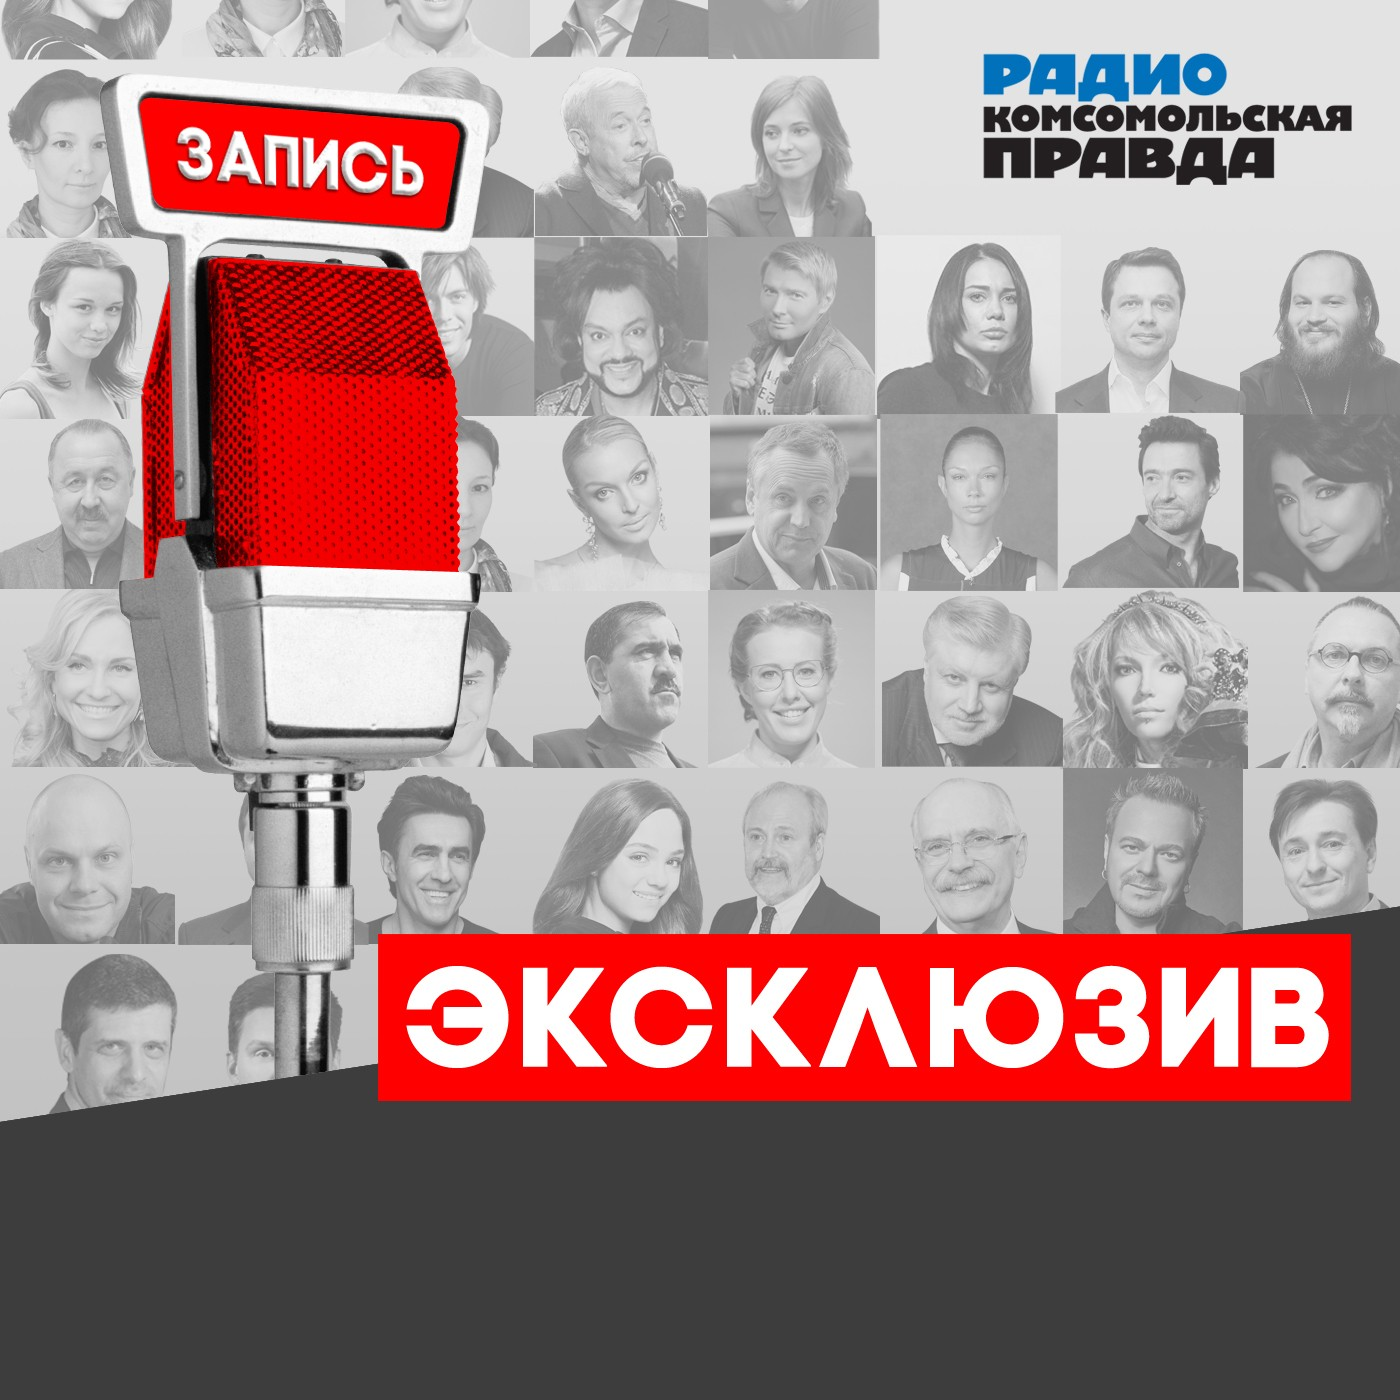 Радио «Комсомольская правда» И это всё о нём, о самом обсуждаемом фильме